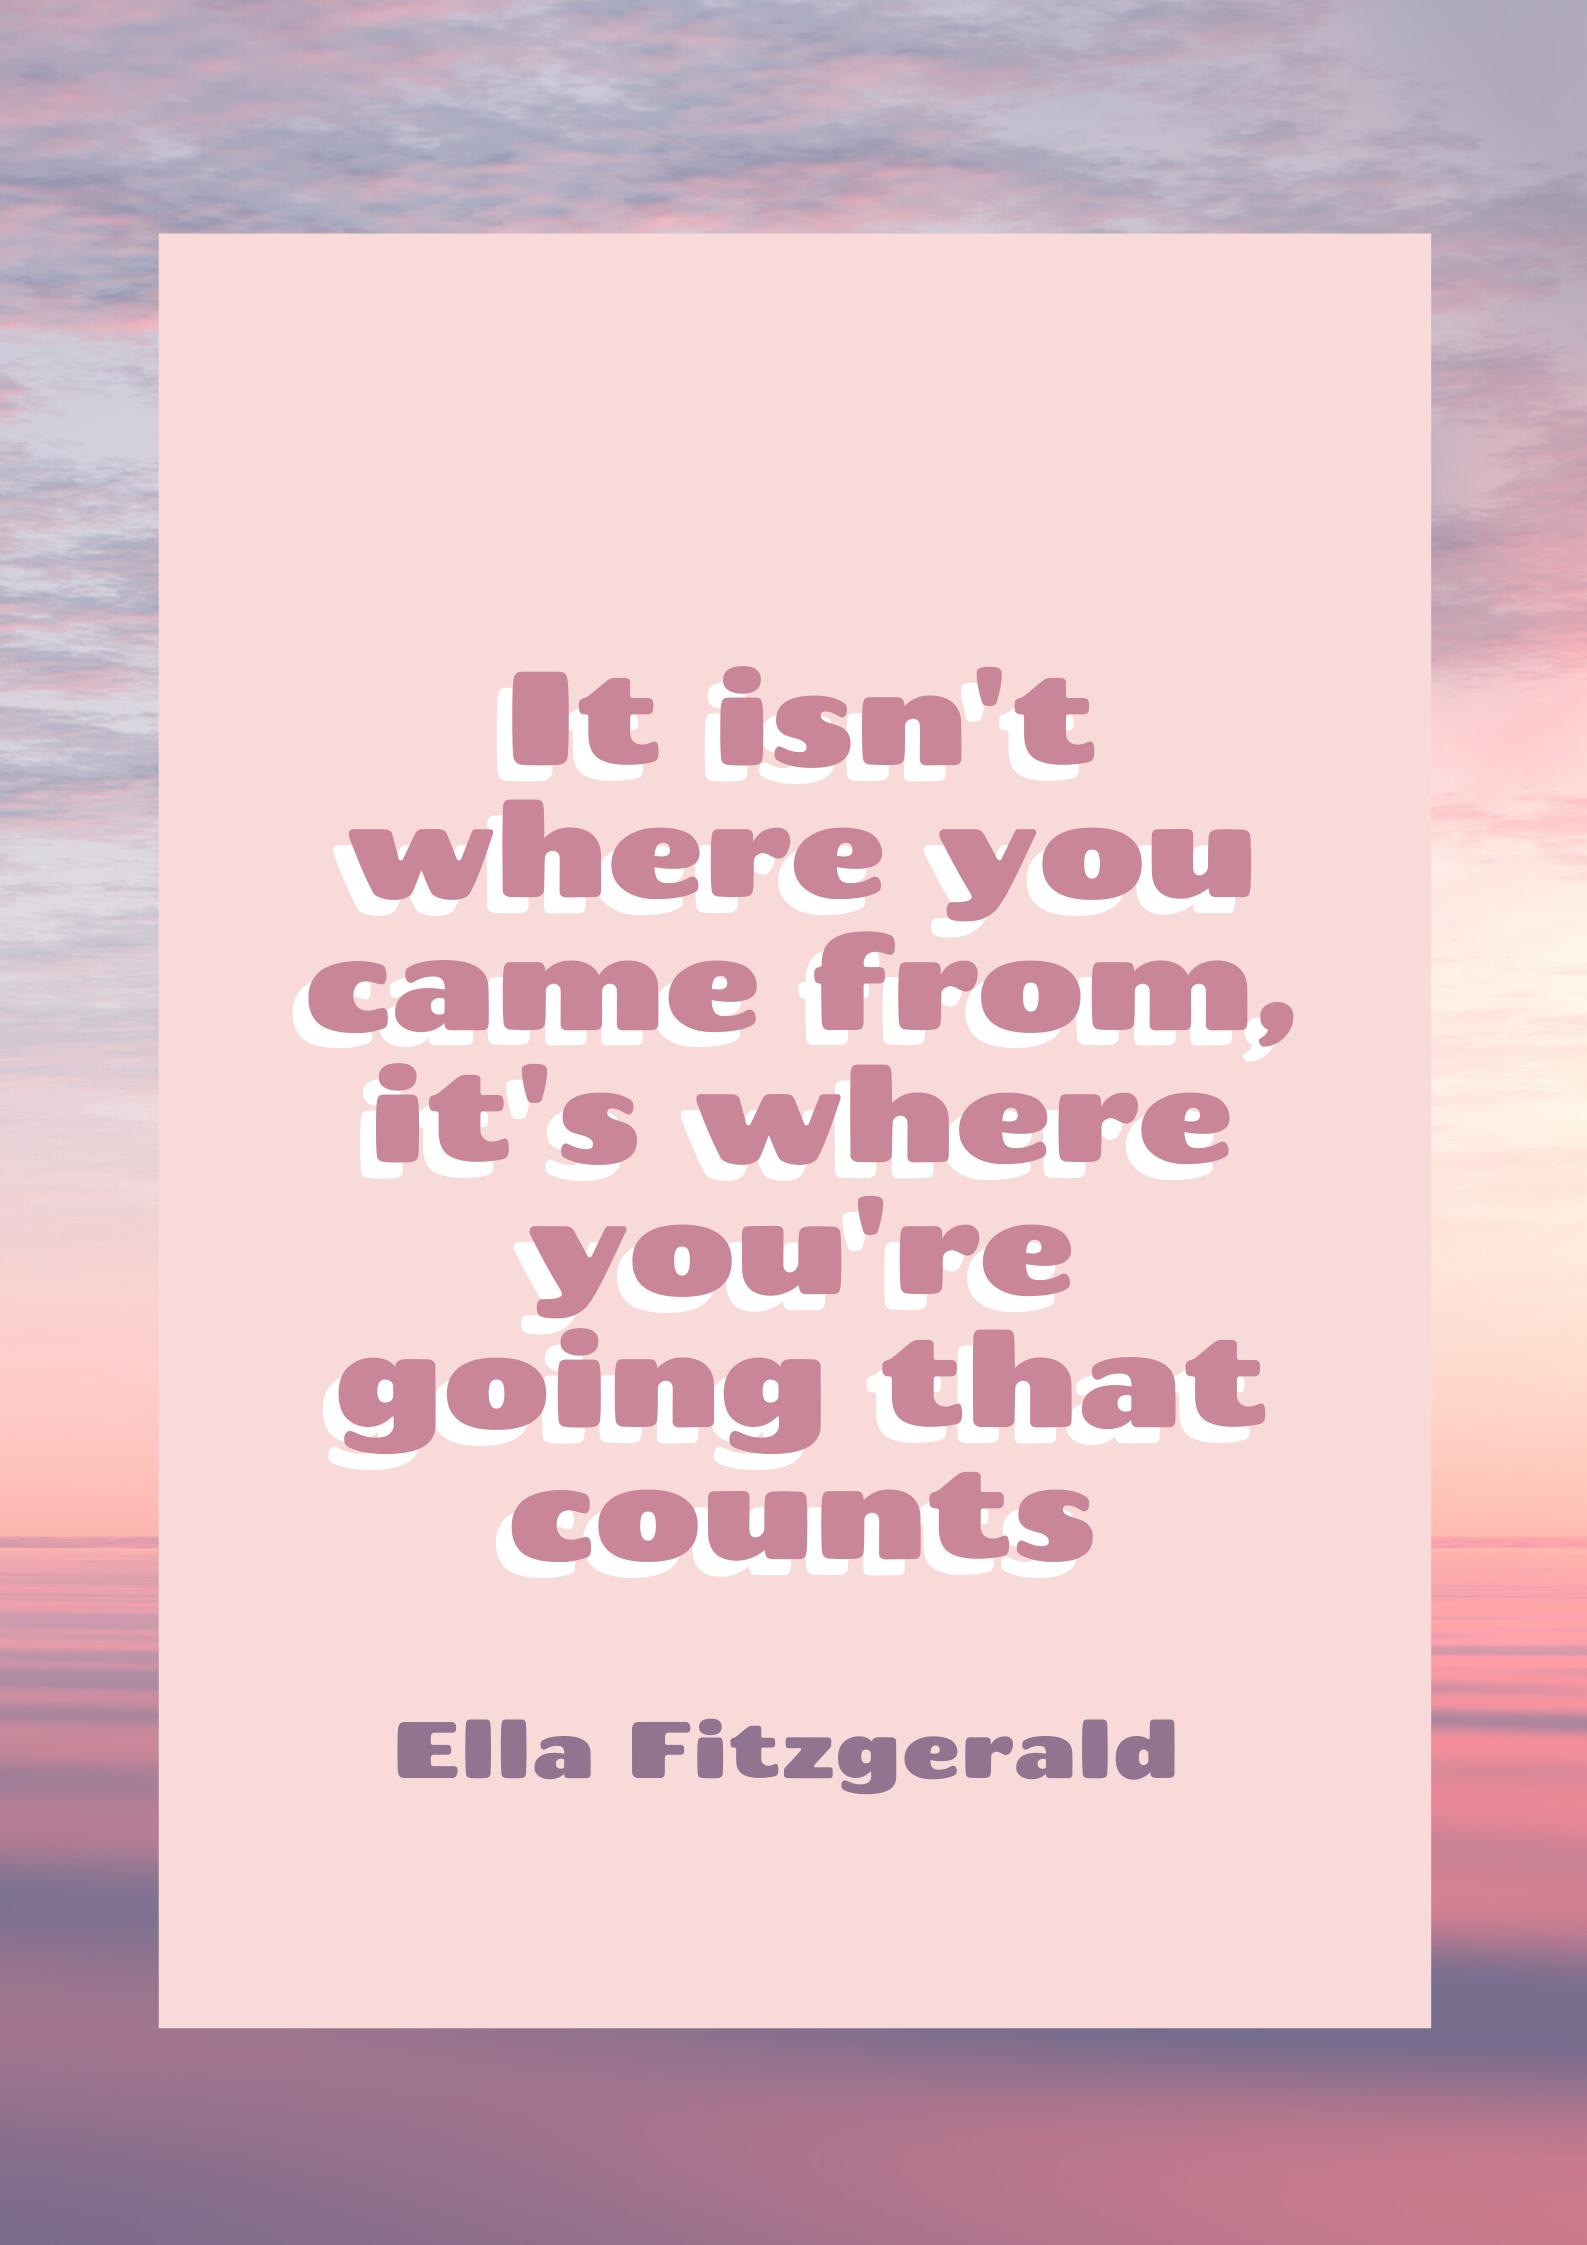 motivational quotes inspirational women ella fitzgerald